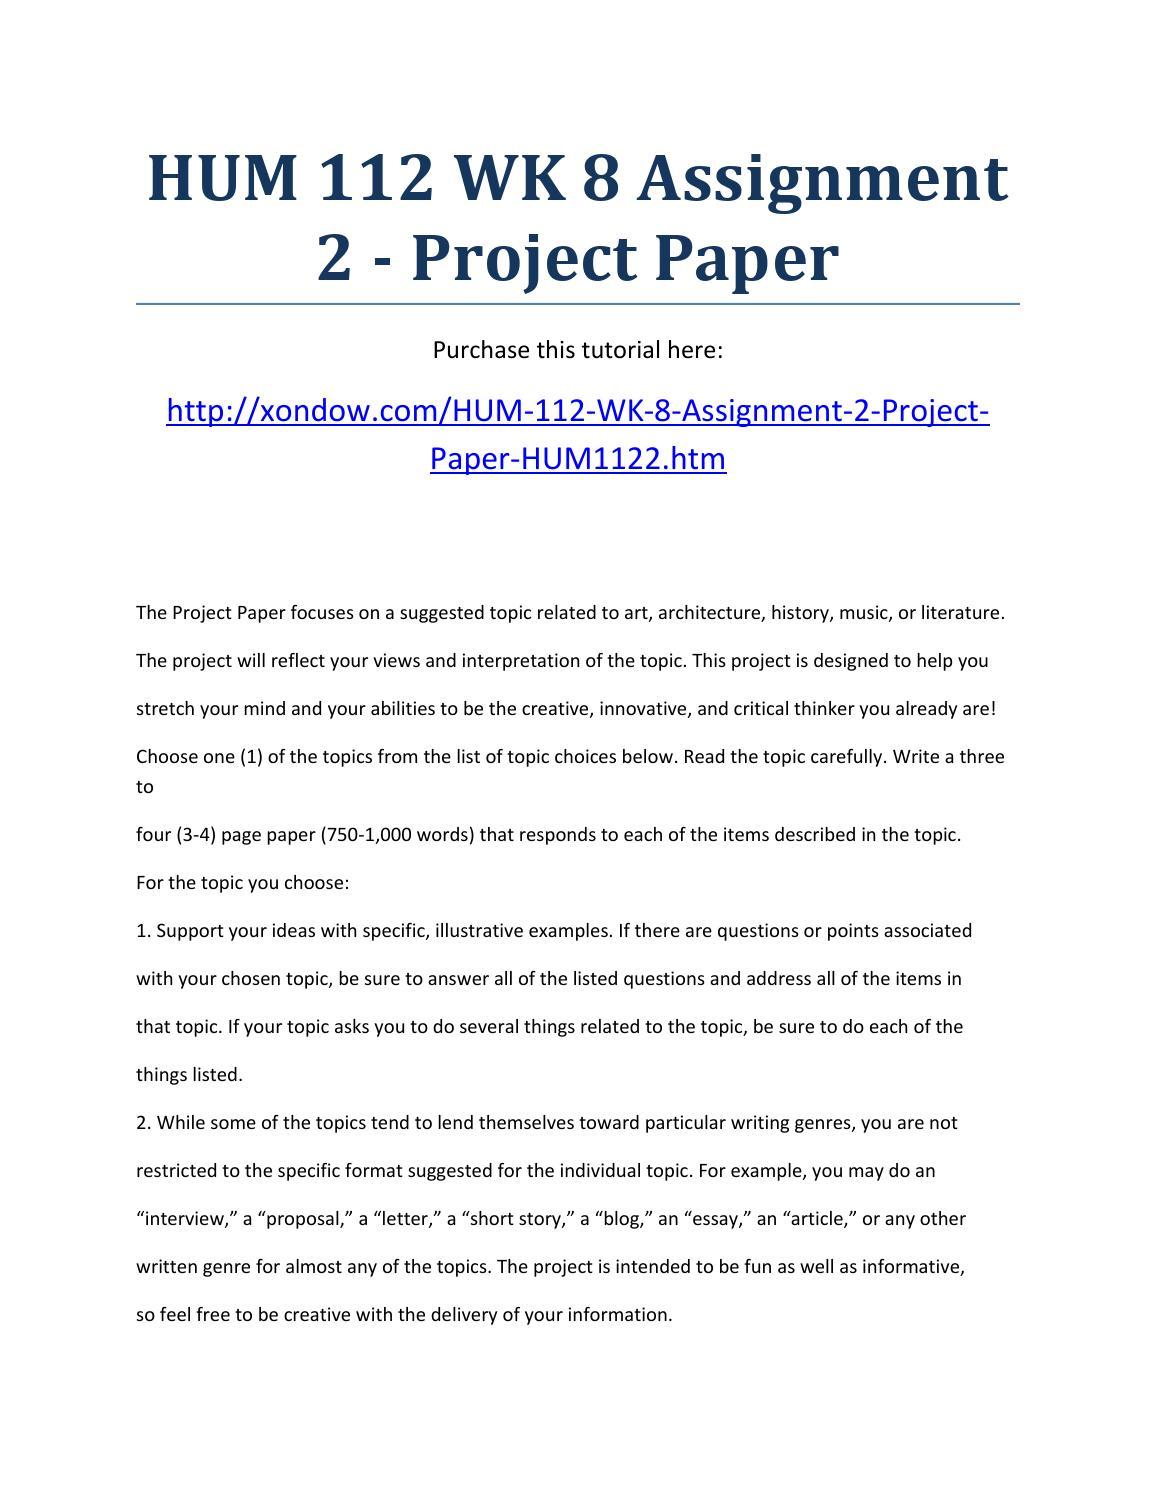 hum112 assignment 1 essay